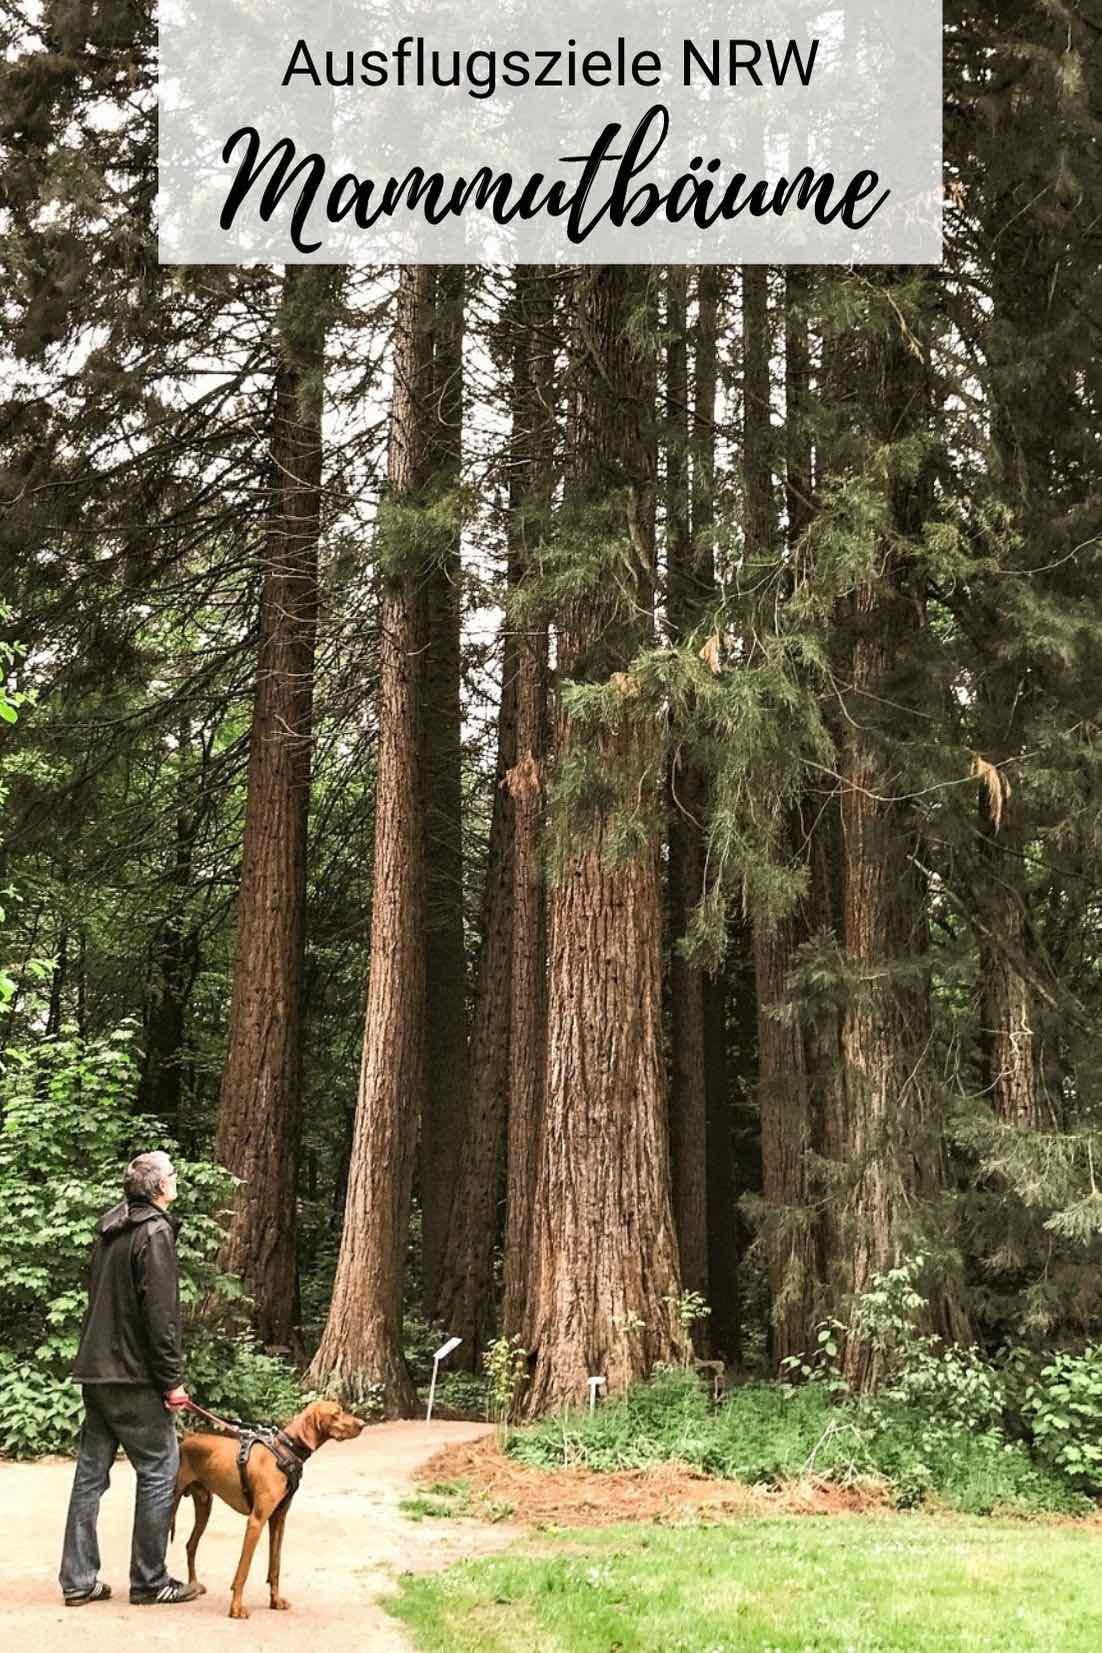 Ein genialer Ausflug NRW ging zu den Mammutbäumen der Sequoiafarm Kaldenkirchen. Hol dir Tipps für deinen Kurztrip! / Ausflugsziele NRW / Ausflugsziele Deutschland / NRW schöne Orte / Niederrhein Ausflug / Ausflug mit Hund